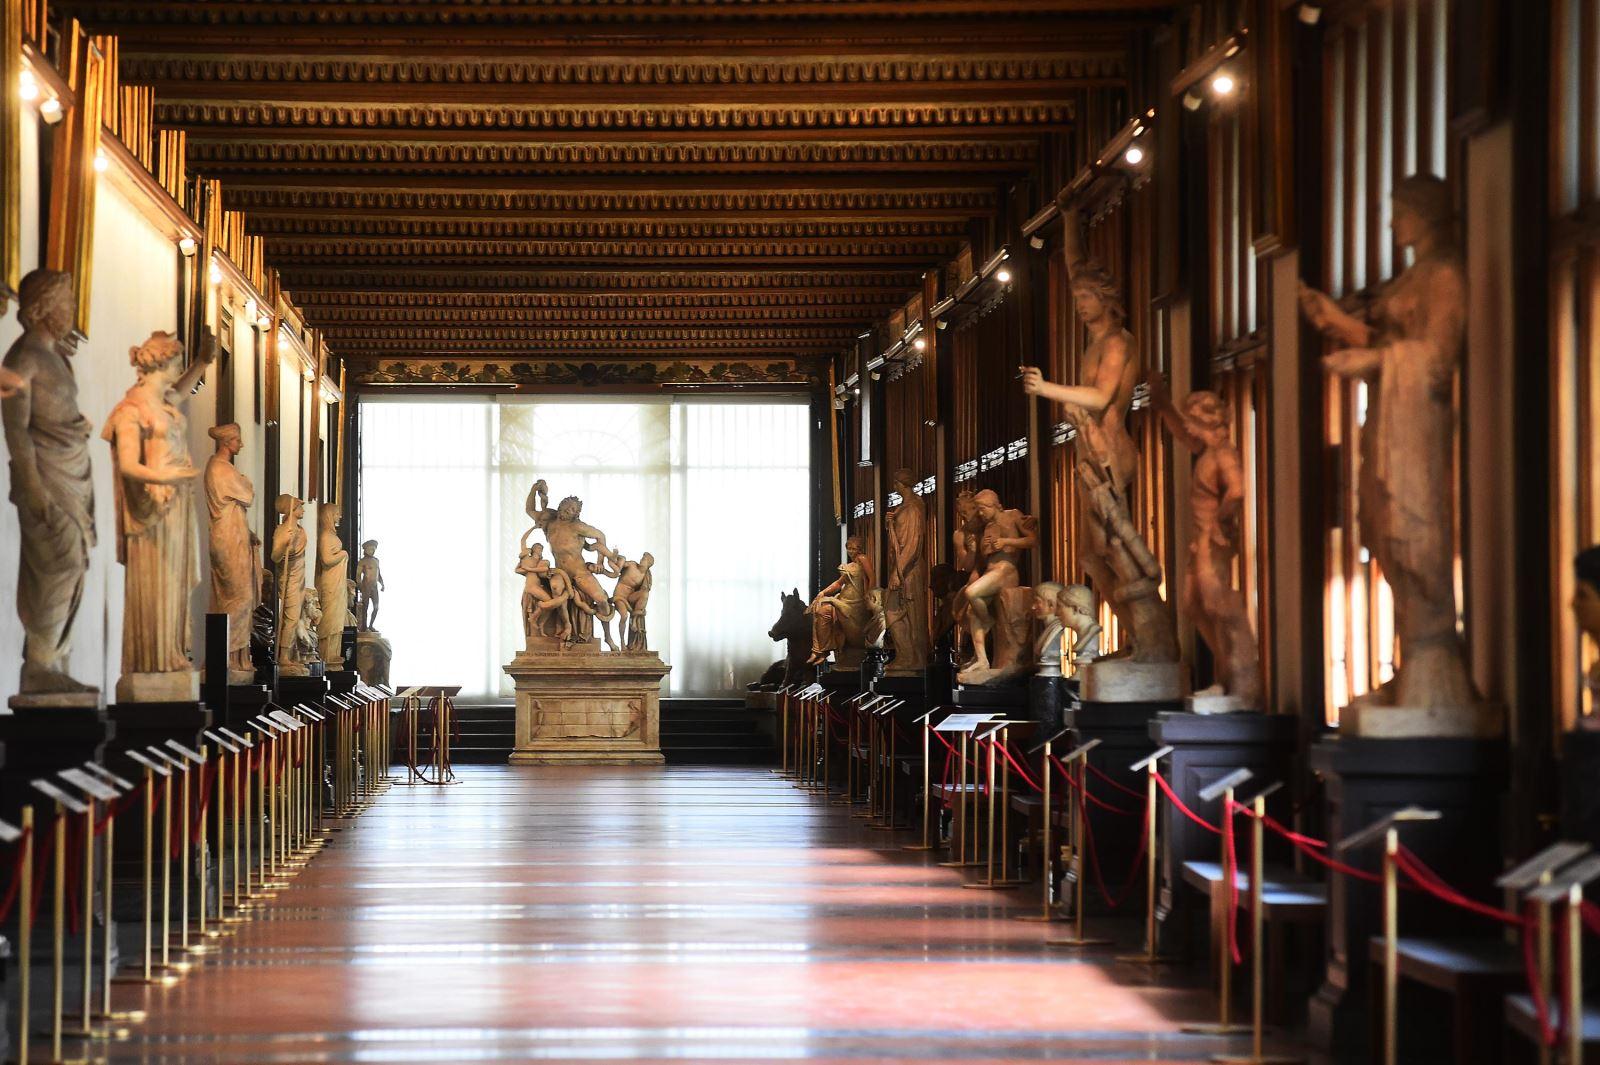 Các bảo tàng và tượng đài ở Italy đang dần mở cửa lại. Ảnh: CNN